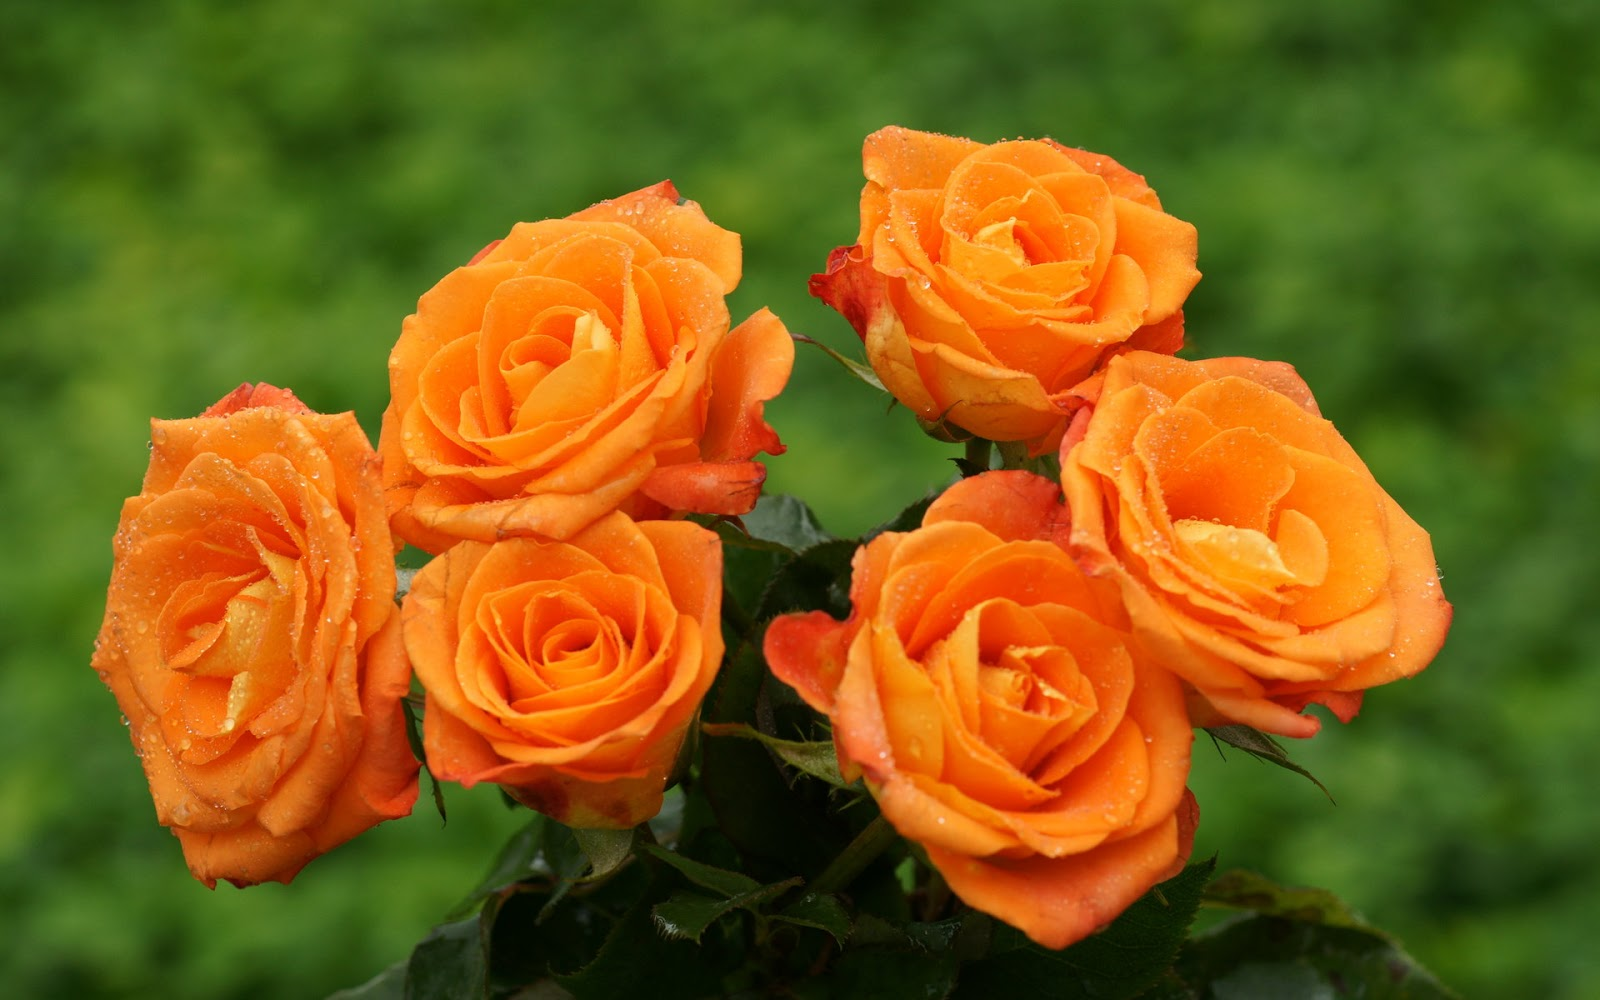 Beautiful roses hd desktop wallpapers in 1080p super hd - Beautiful red roses wallpapers desktop ...